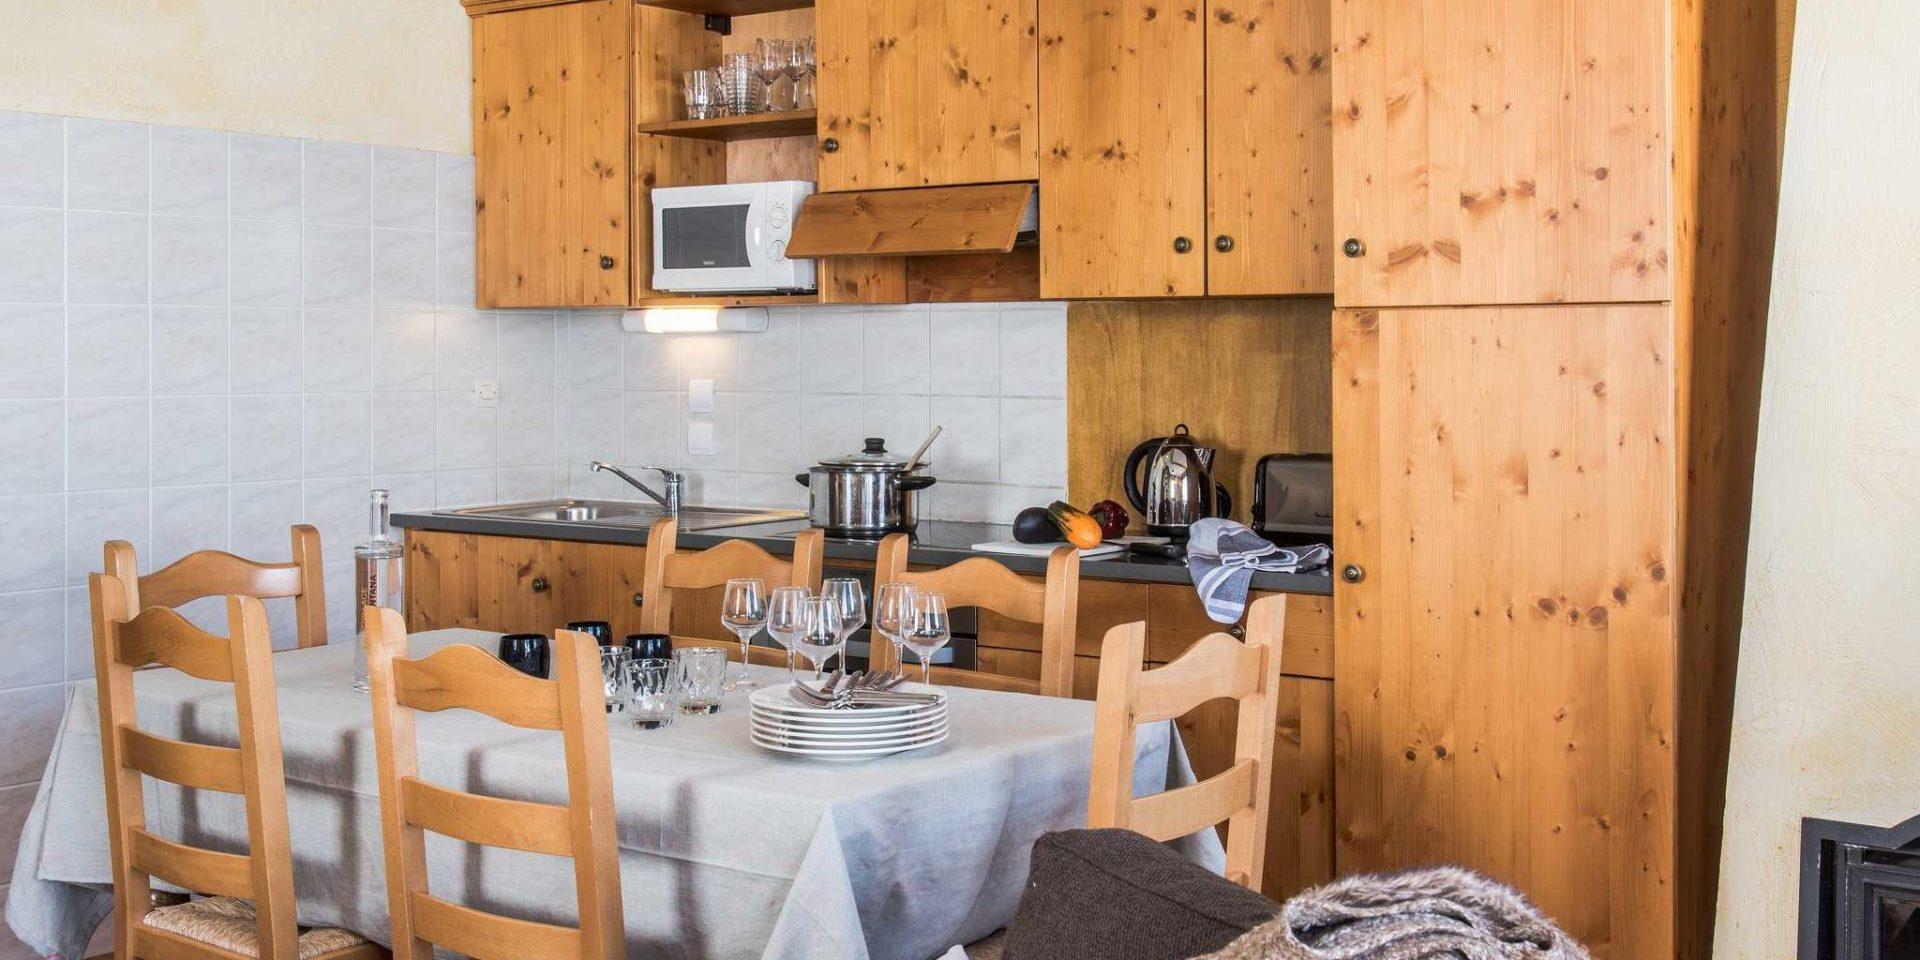 Residences Village Montana Tignes Tignes-Val d'Isere Frankrijk wintersport skivakantie luxe keuken 5K8 eettafel wijnglazen houten stoelen houten kastjes kookplaat pan waterkoker